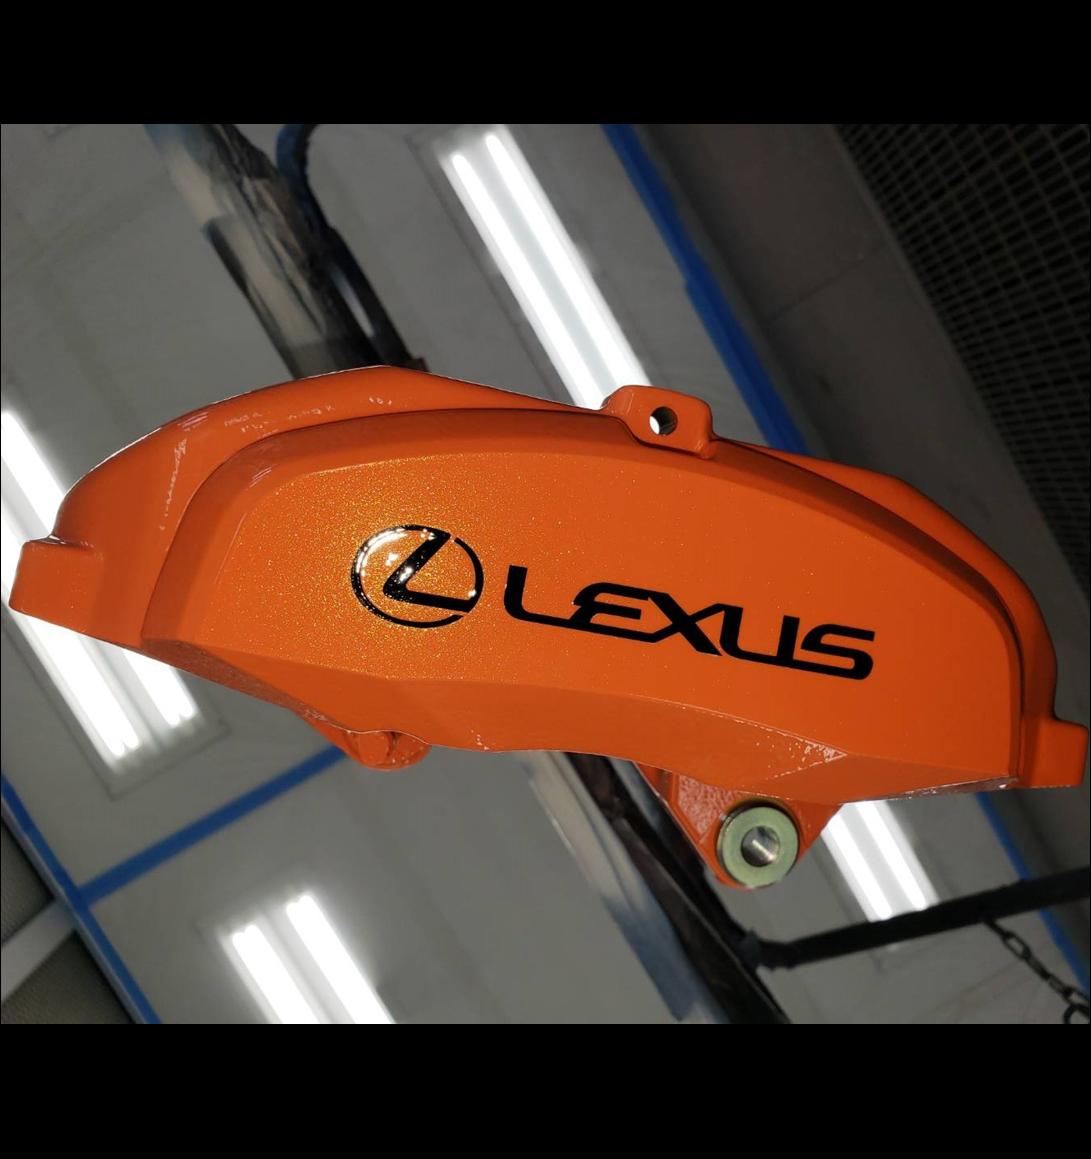 山形県 山形市 ブレーキキャリパー 塗装 レクサス LEXUSの画像